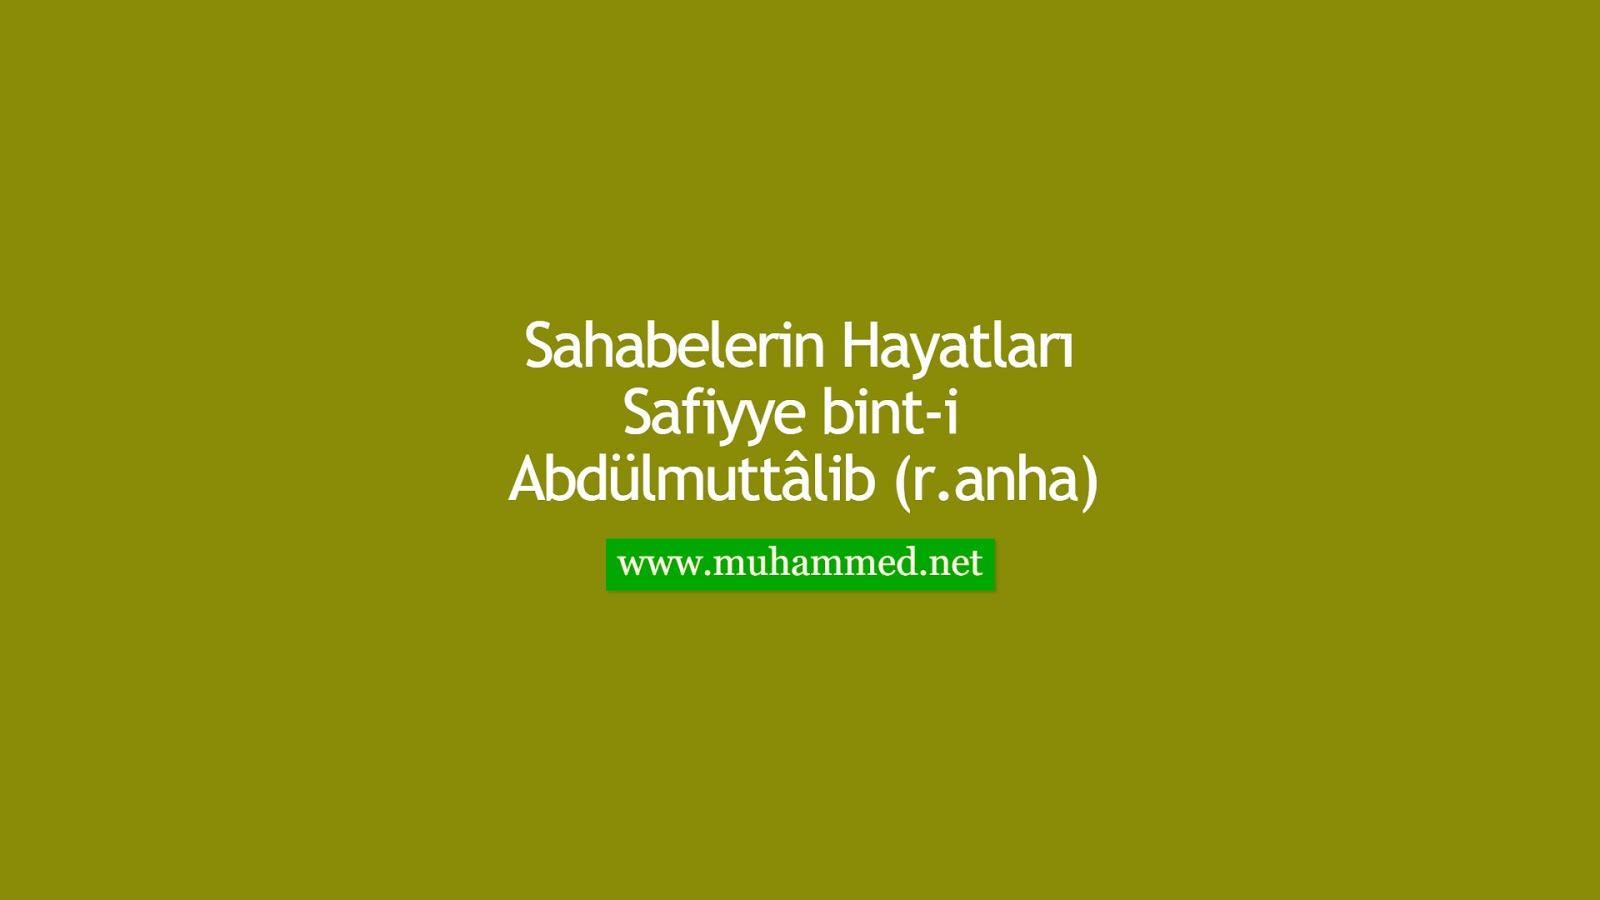 Safiyye bint-i Abdülmuttâlib (r.anha)